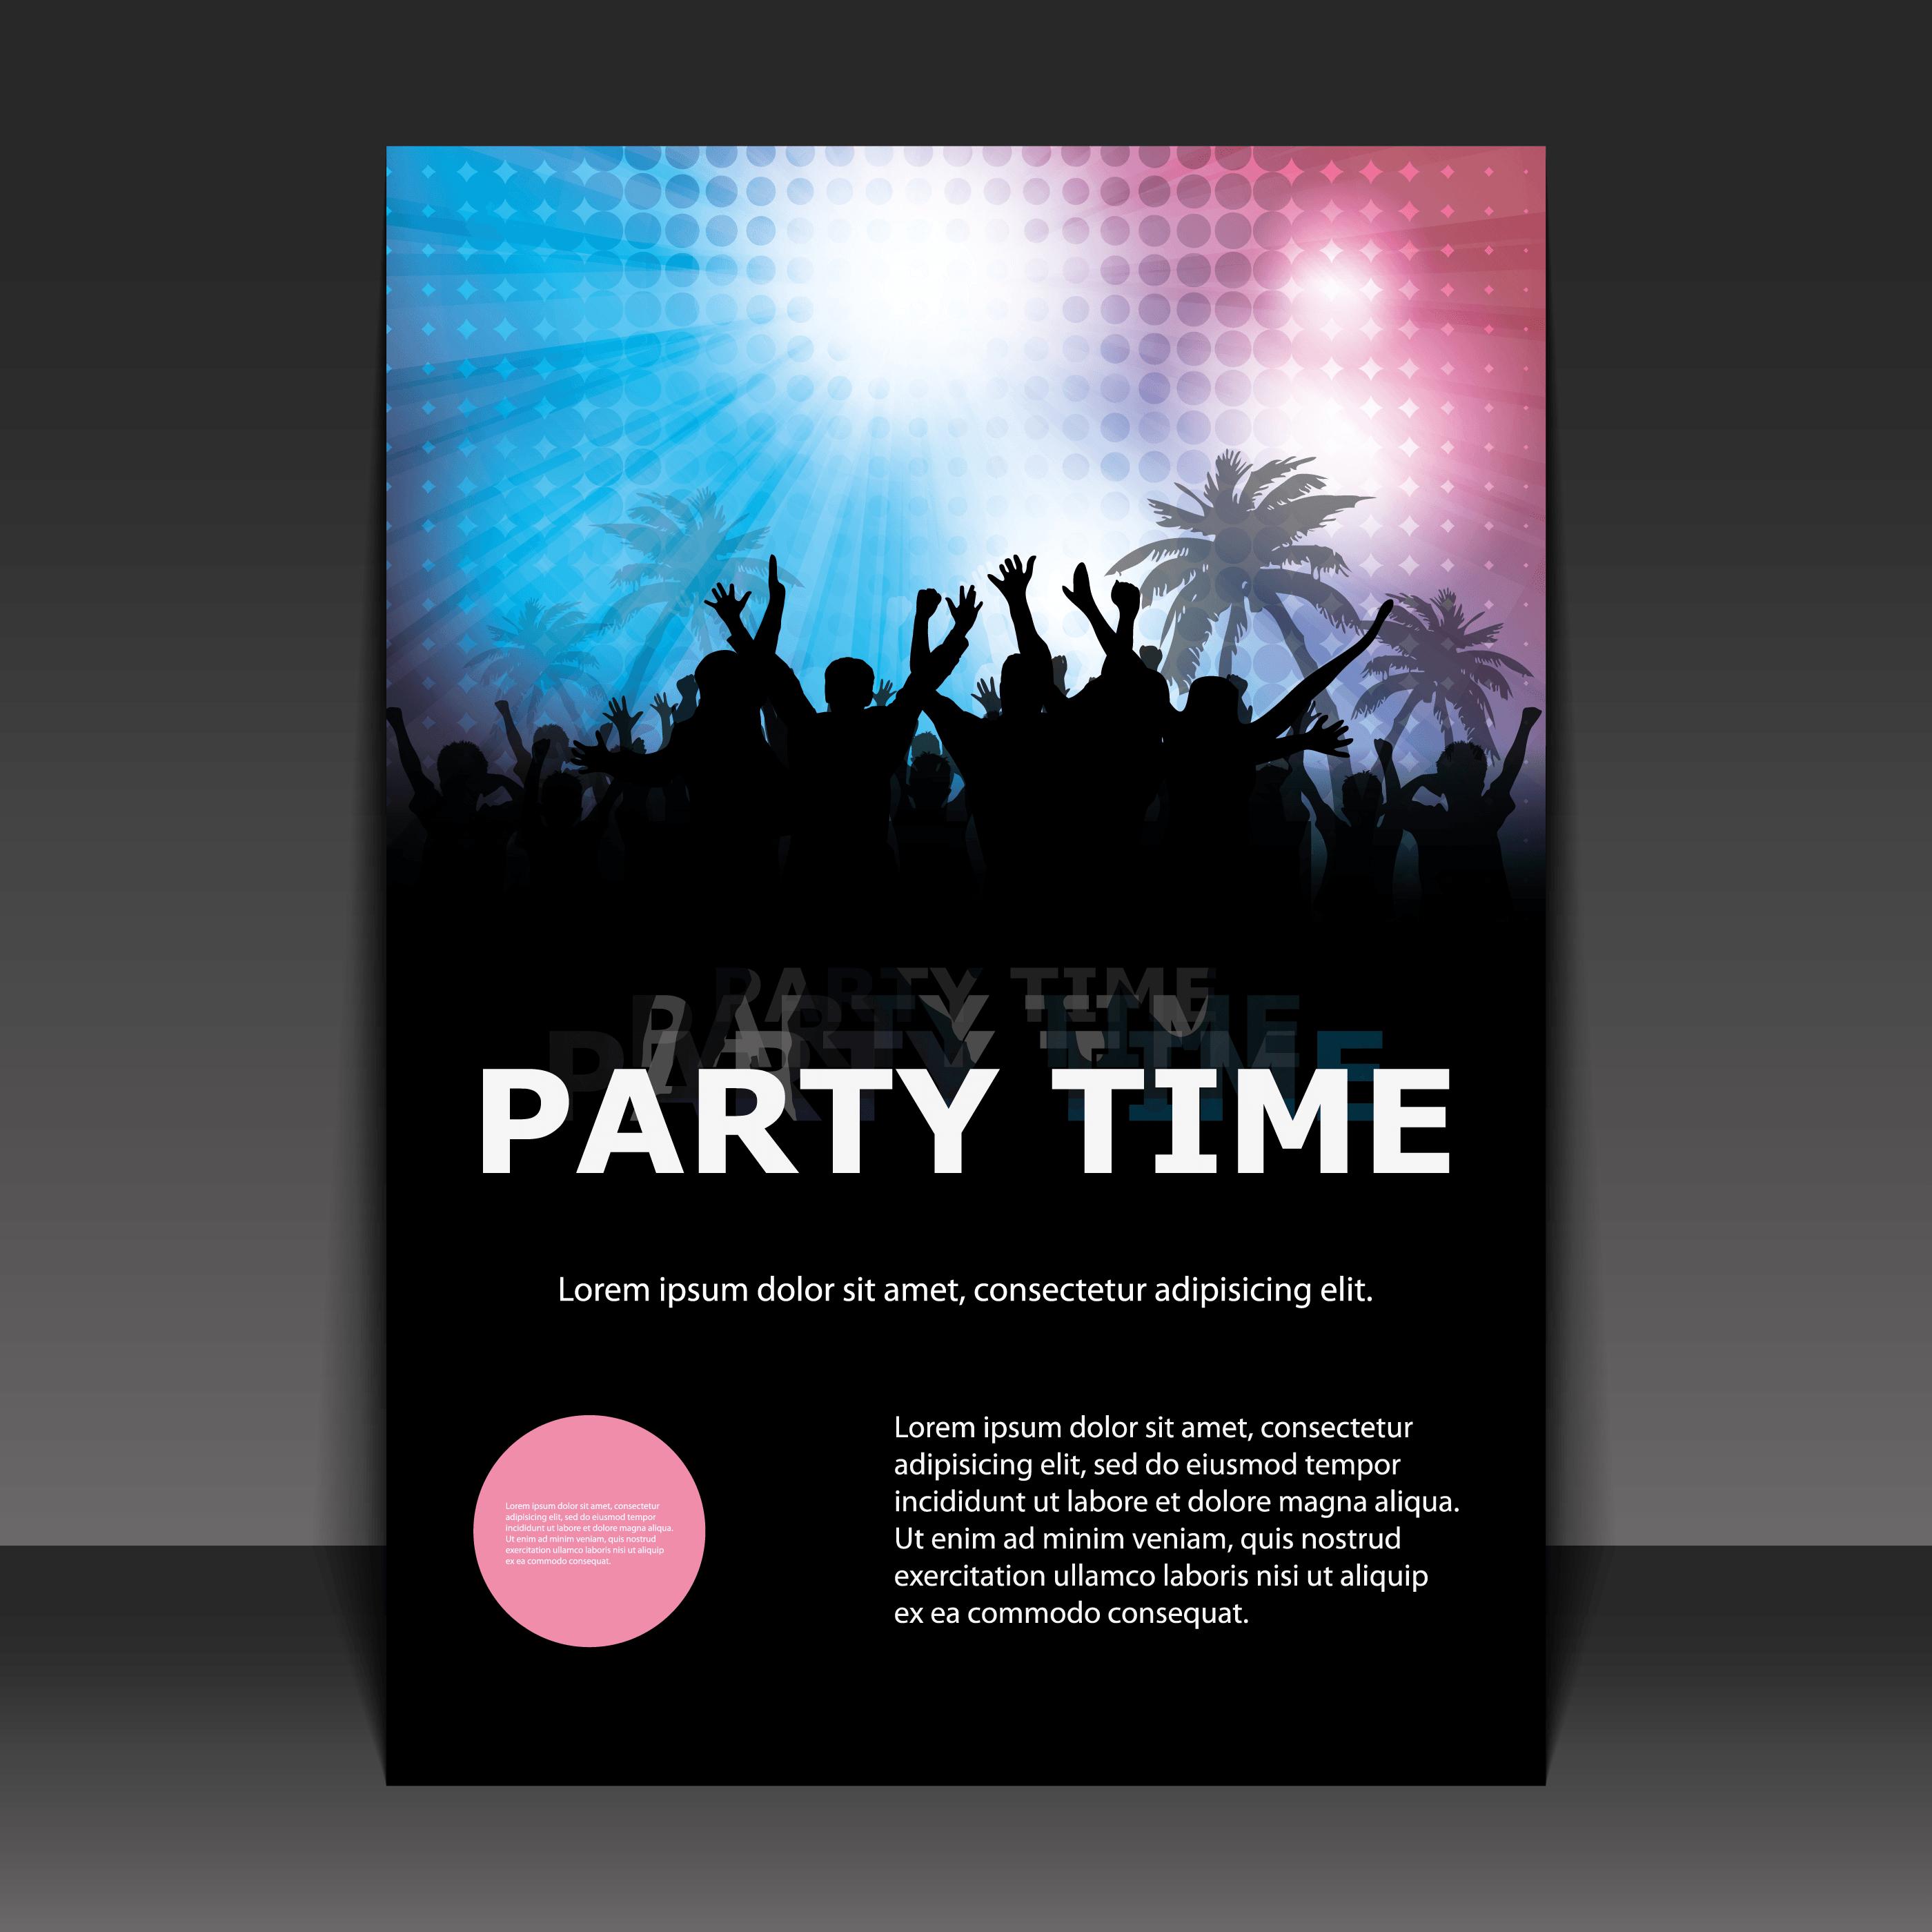 Comment Faire Une Affiche Publicitaire Efficace Pour un concert?